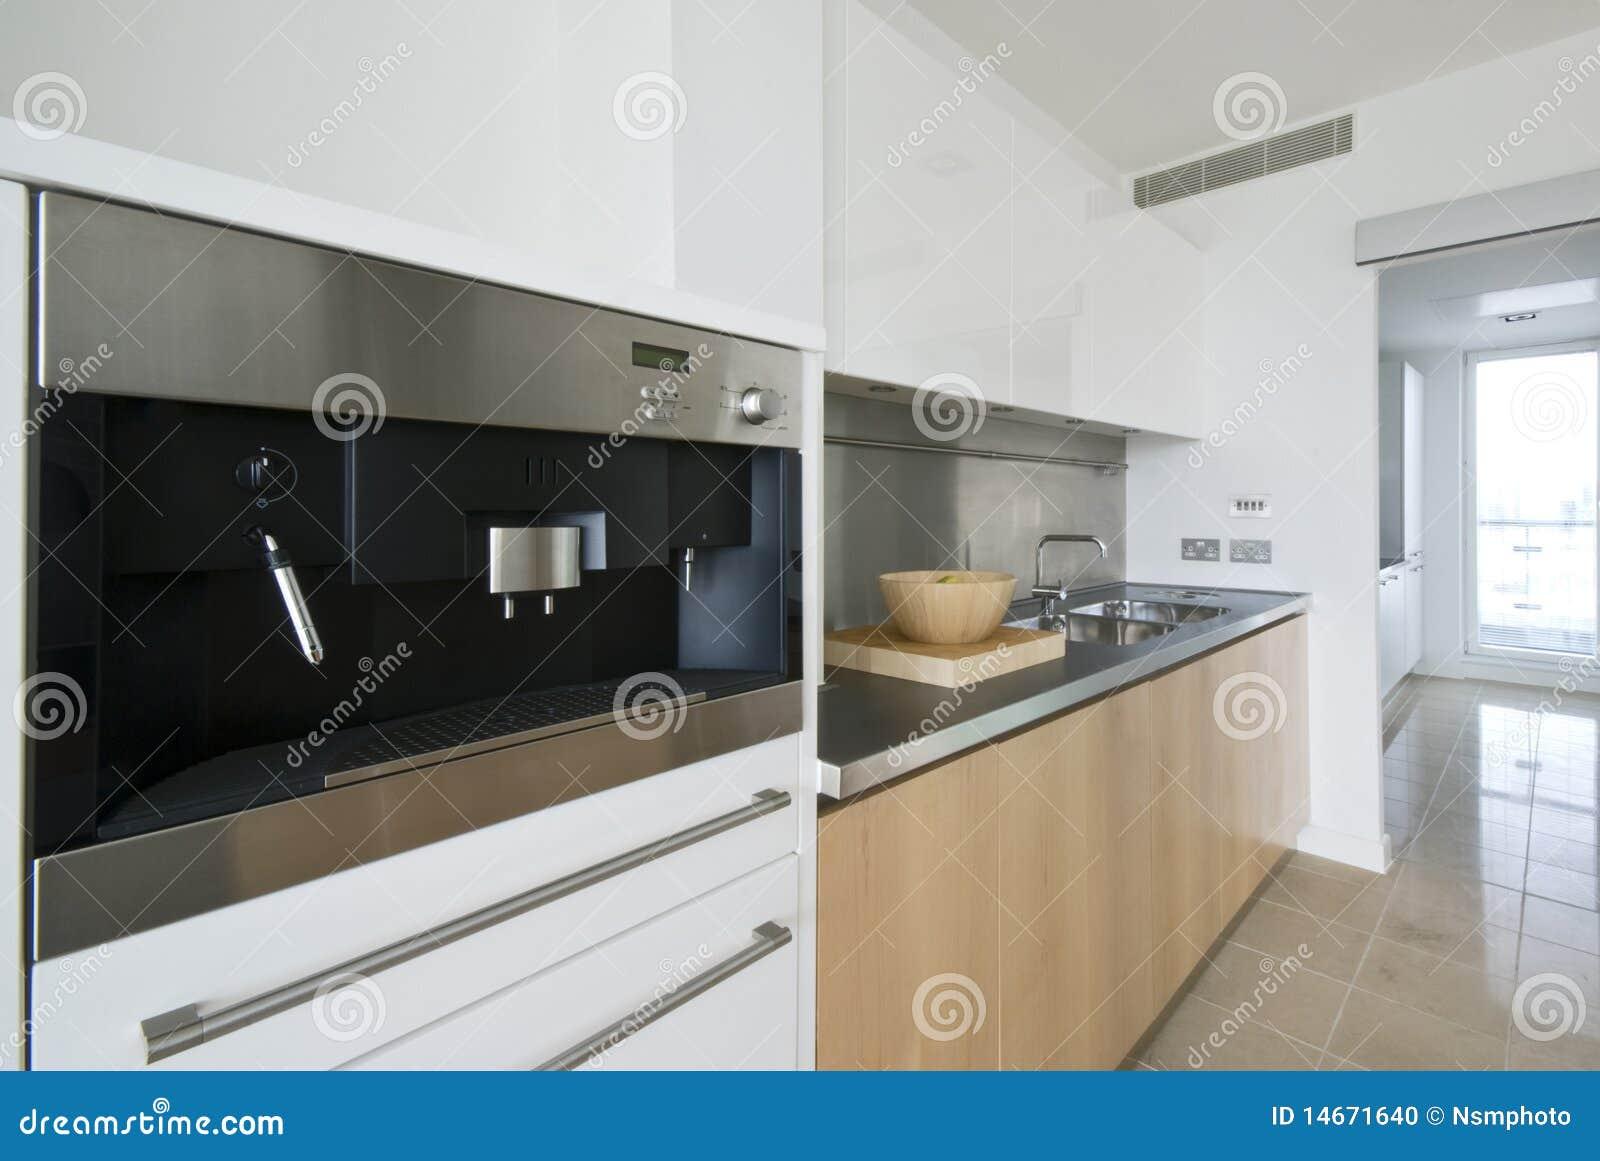 Koffiemachine De Keuken : Eigentijdse keuken met gebouwd in koffiemachine stock foto